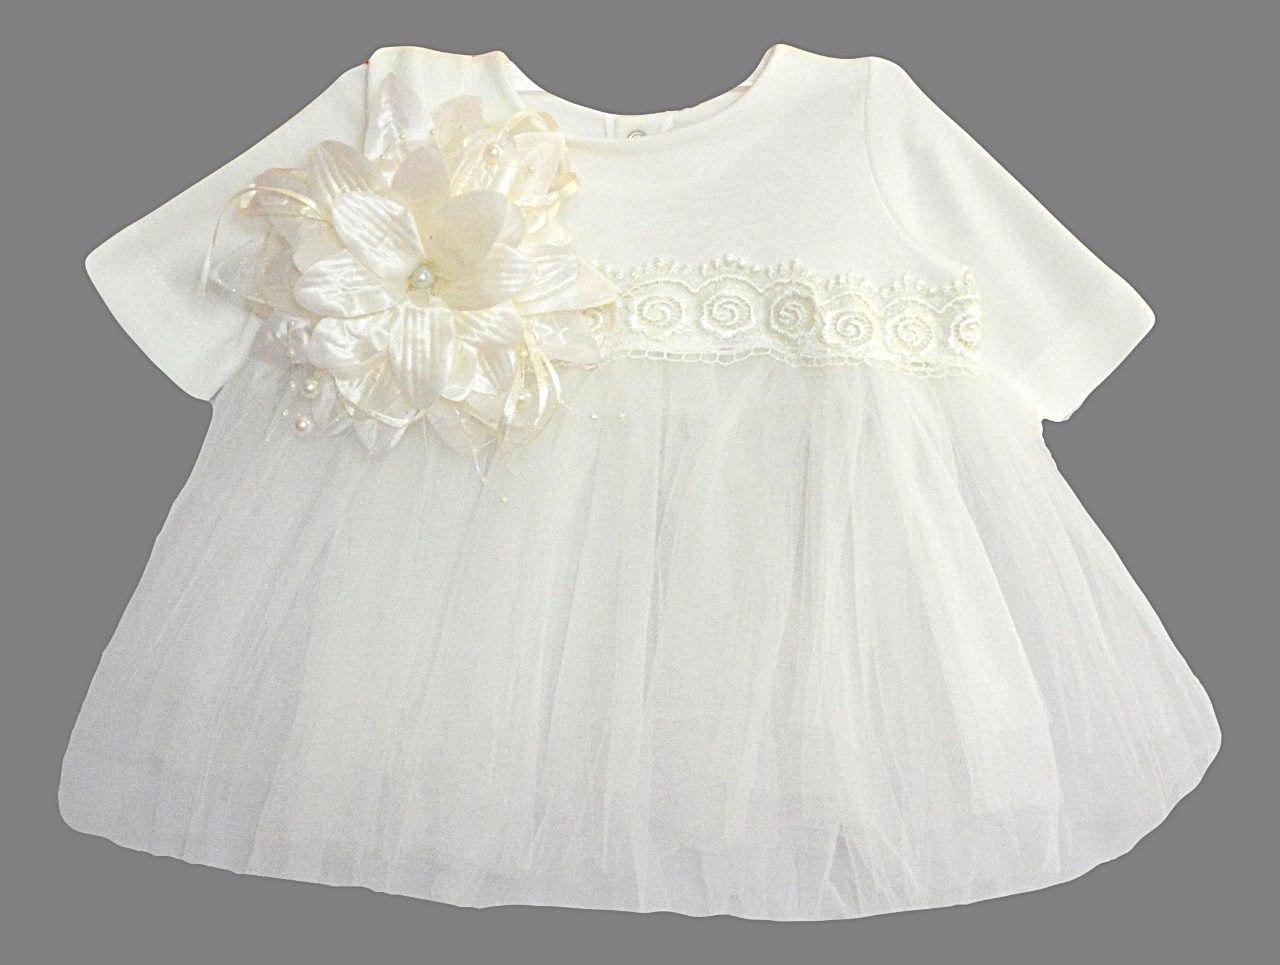 Сбор заказов. Одежда для детей. Elika-Baby - одежда для новорожденных, конверты на выписку, люльки-переноски, одежда от